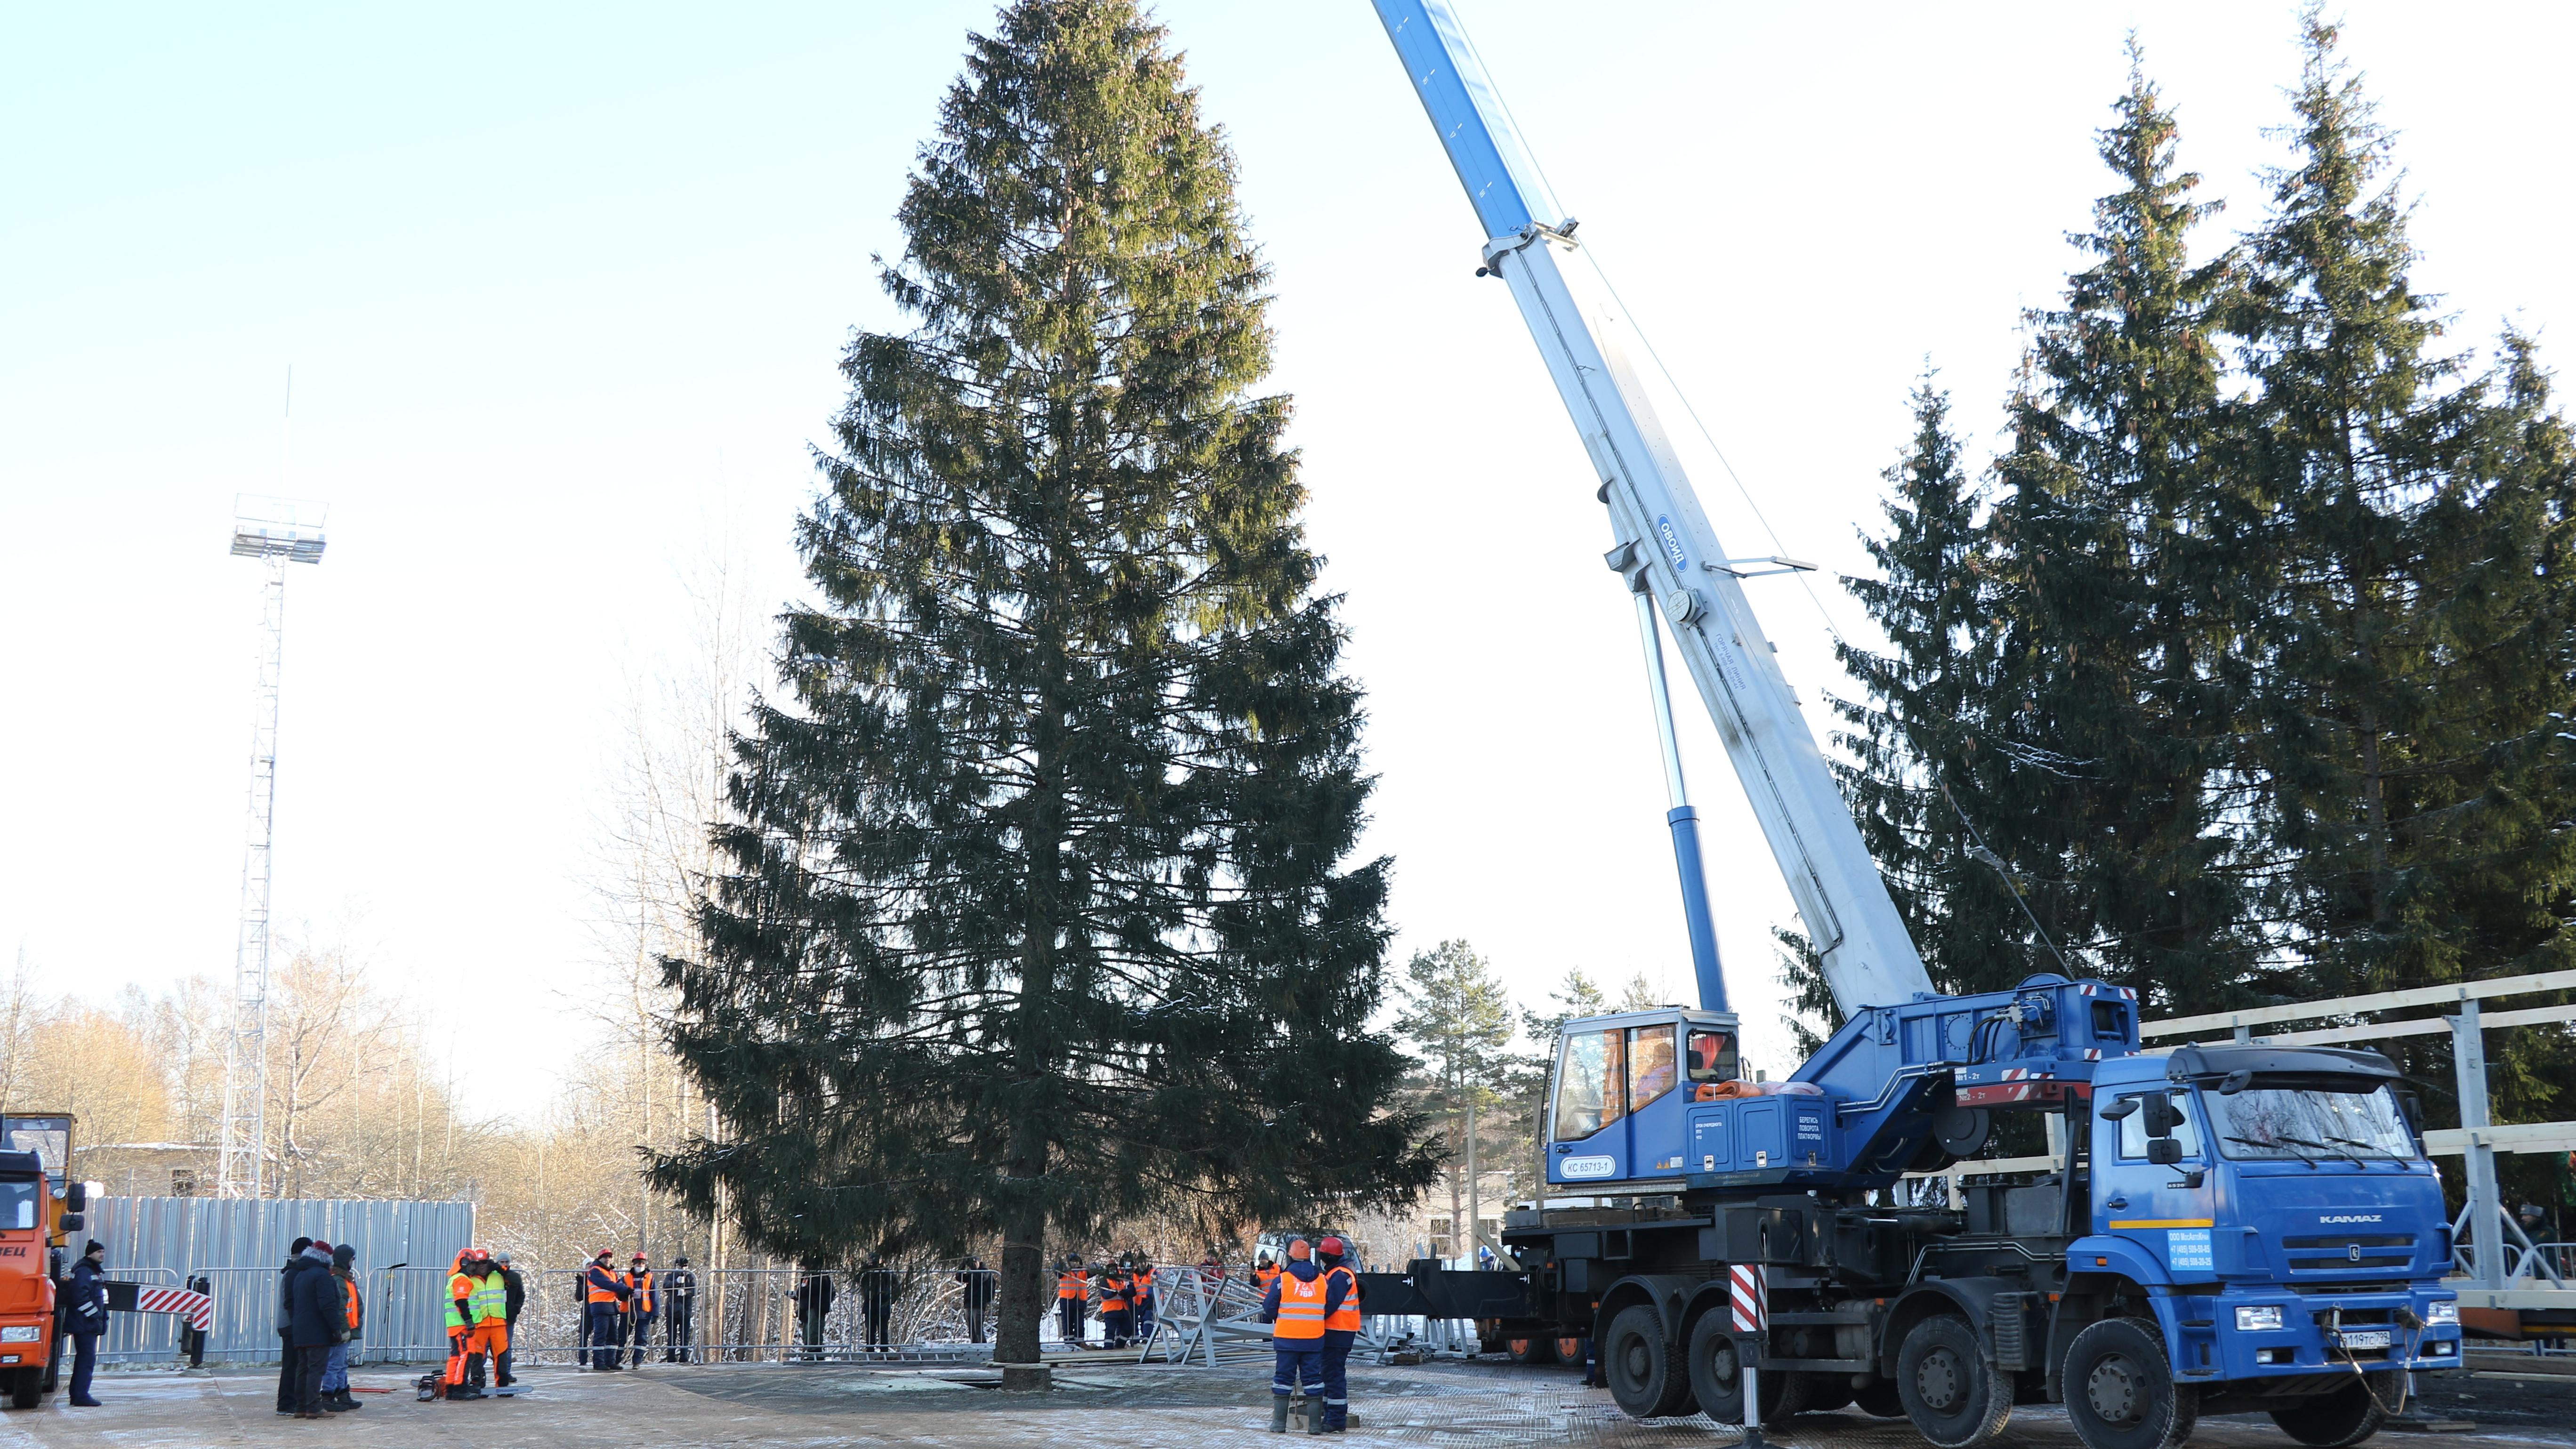 Дорожные службы подготовили путь к месту вырубки главной ели страны в Наро-Фоминском округе